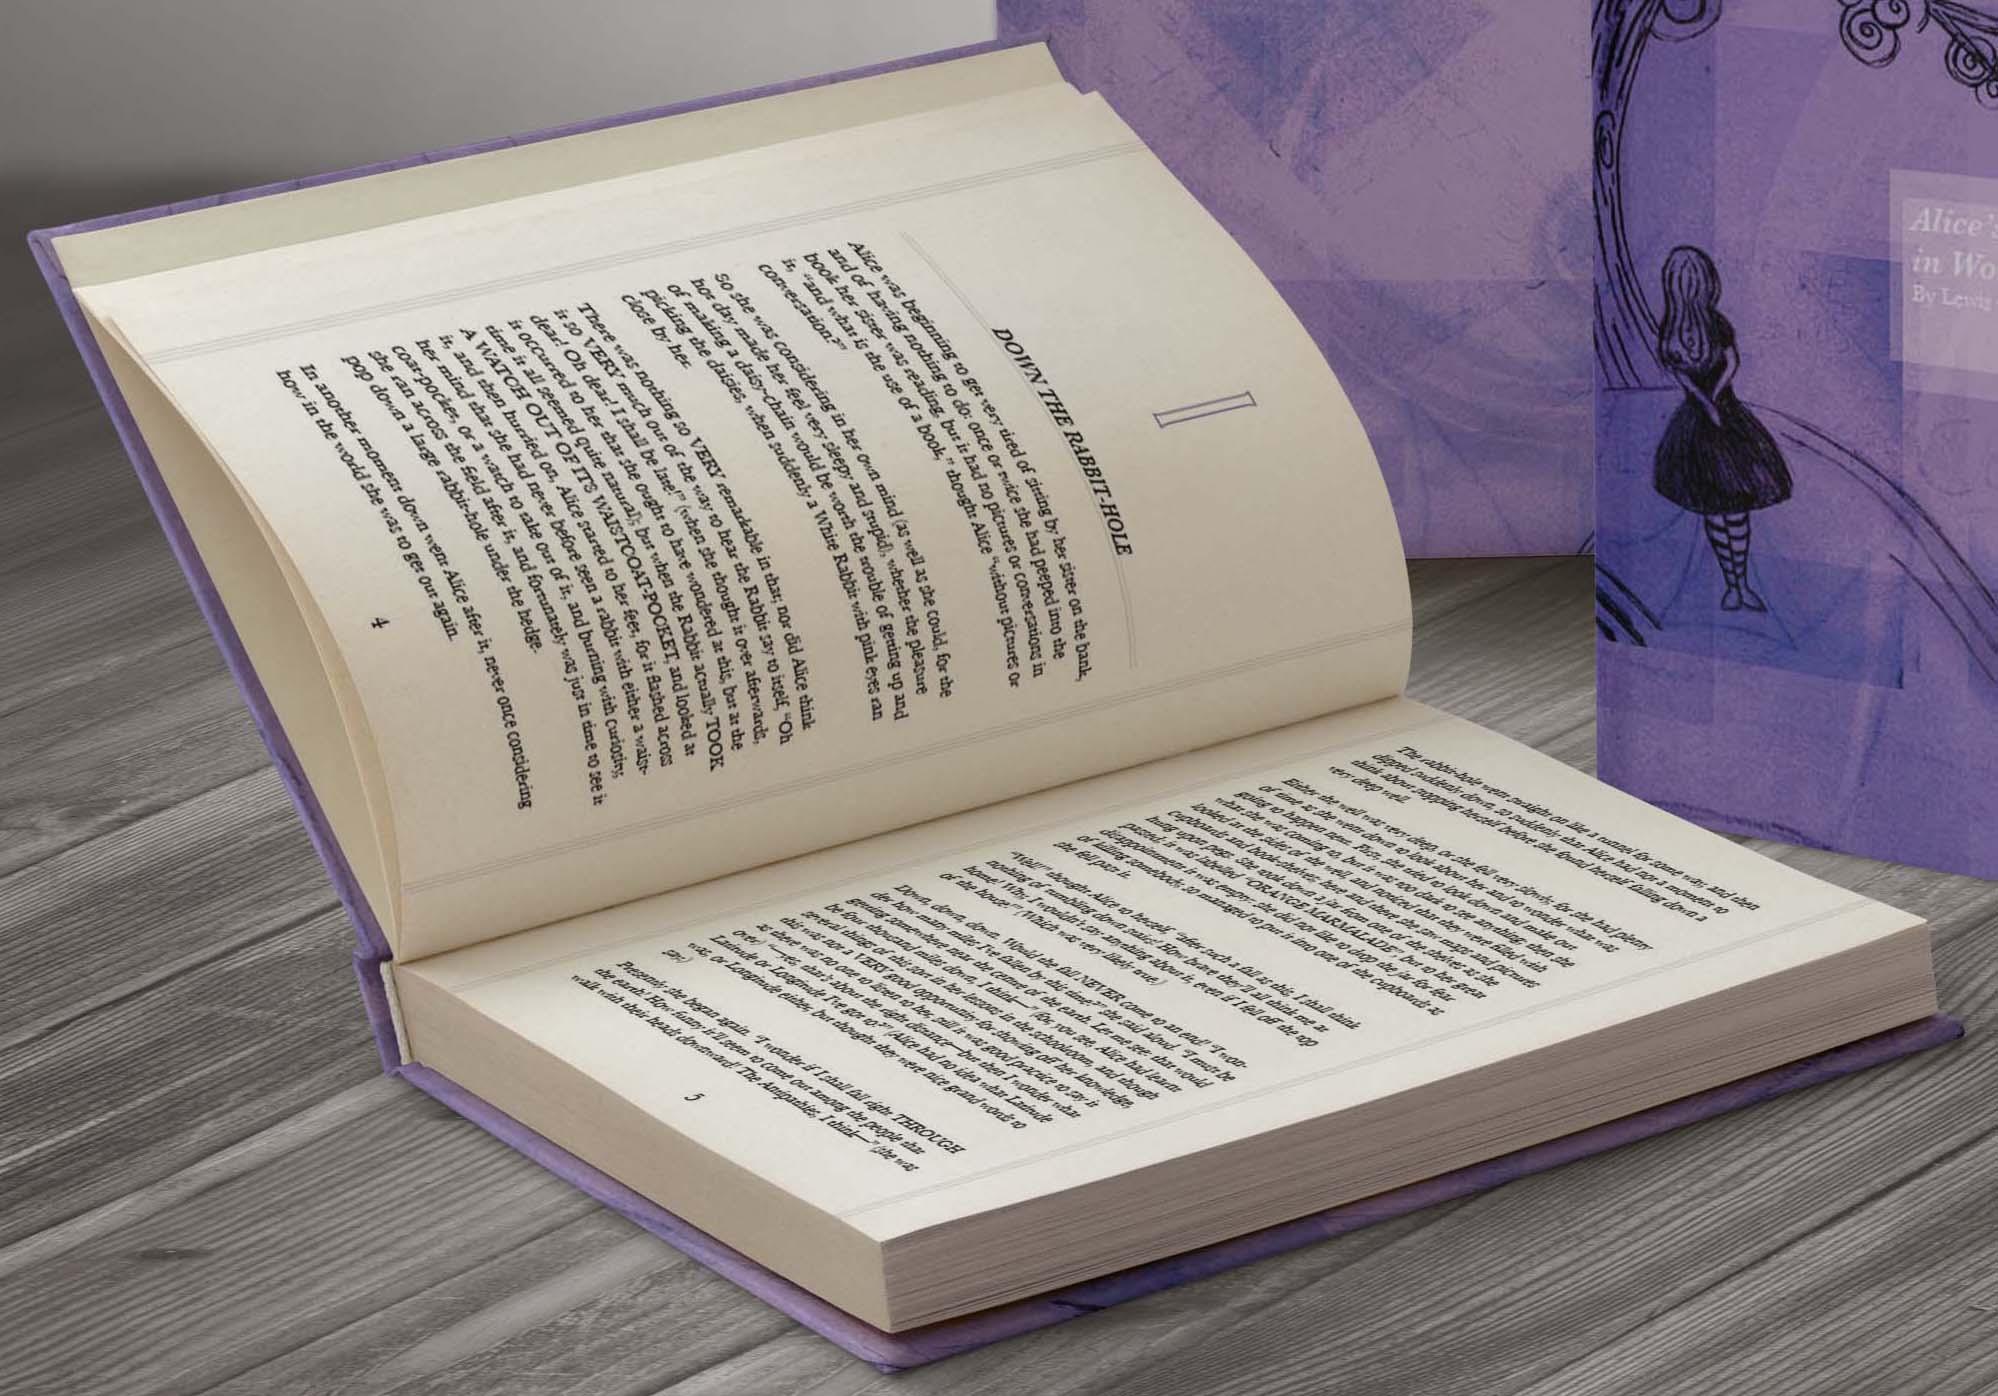 alicebook2_mockup2.jpg